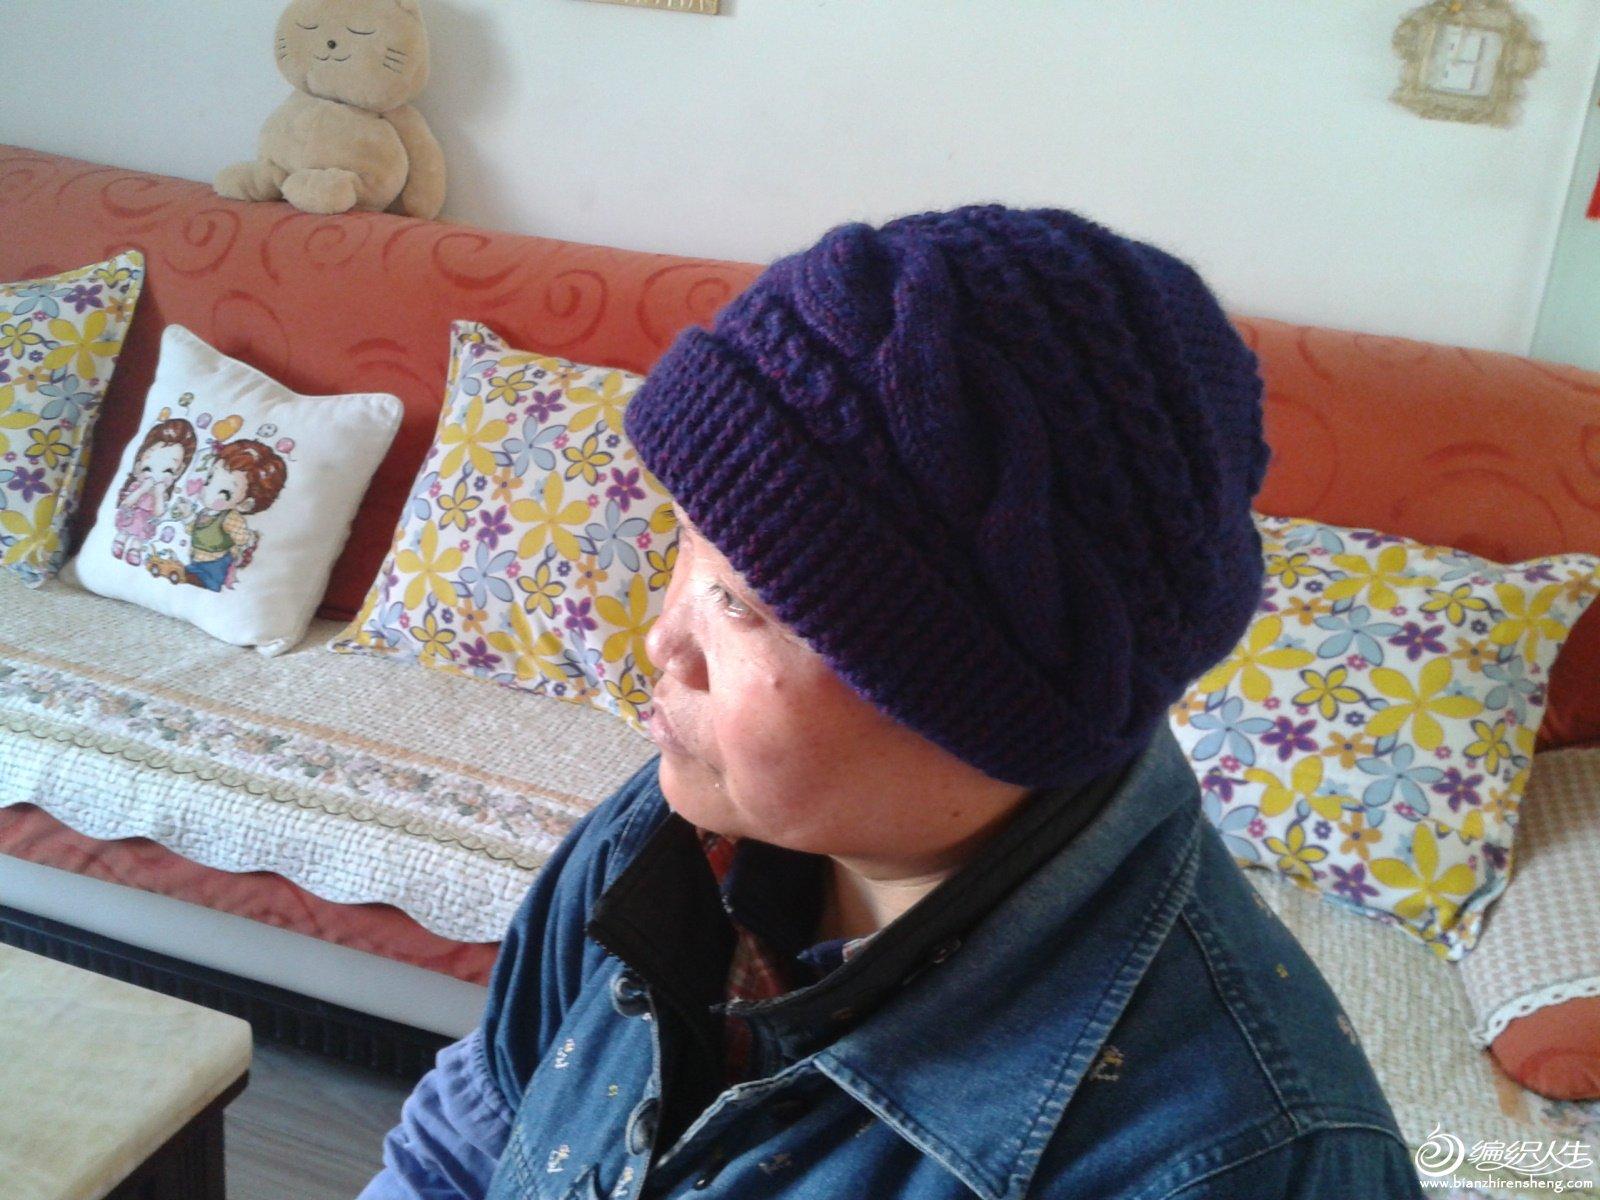 2012-12-05 13.02.57.jpg